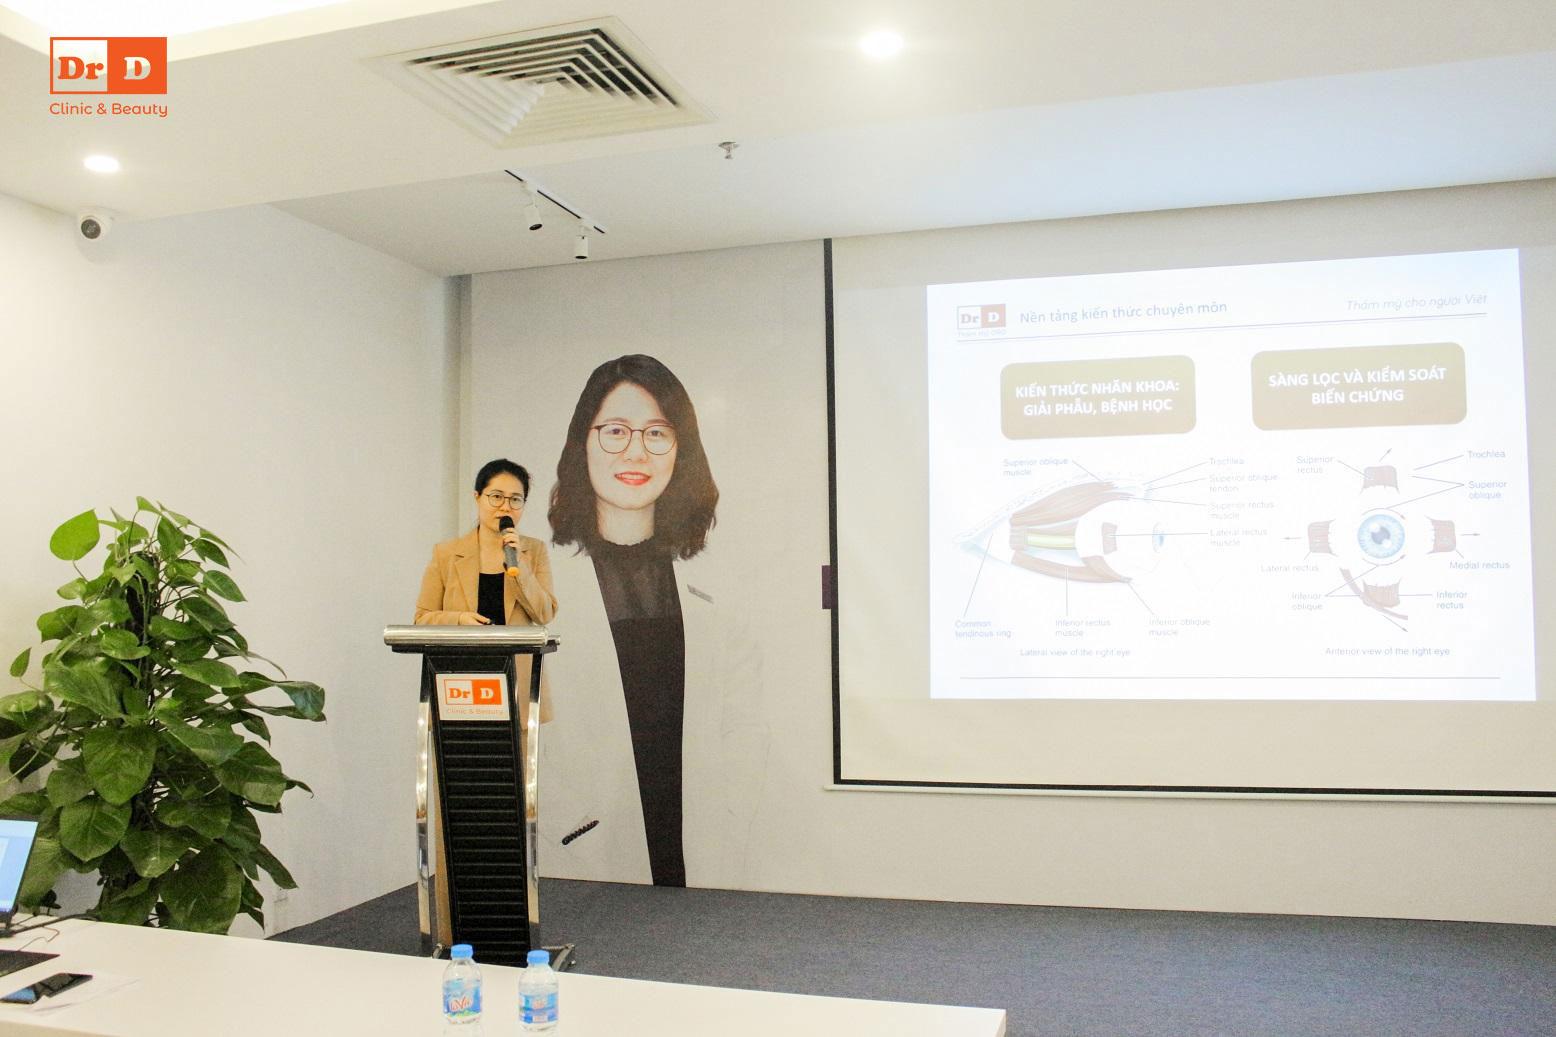 Bác sĩ Hồng Vân chia sẻ về công nghệ cắt mí Elite Eyes